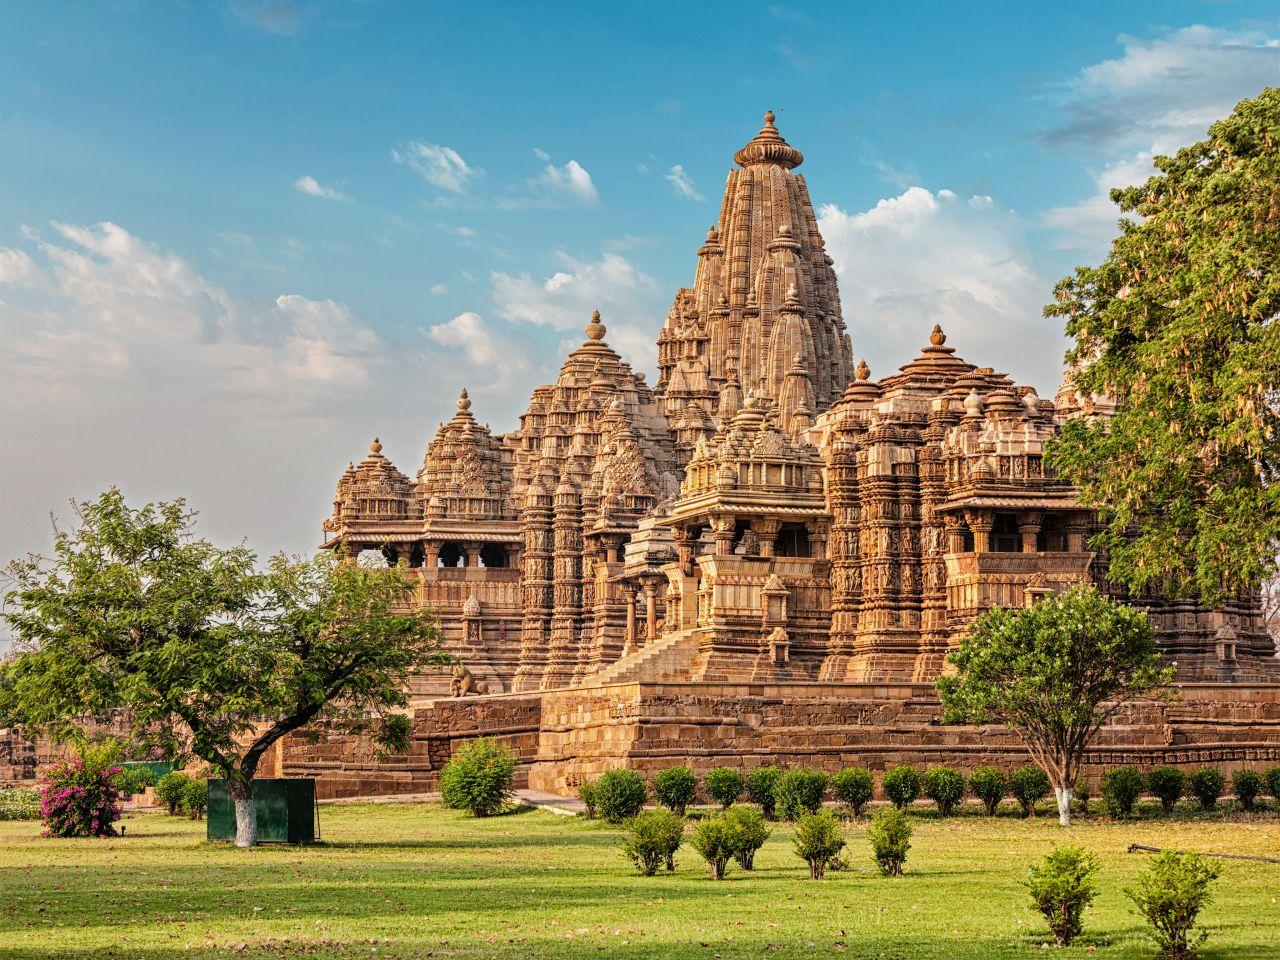 Großer hinduistischer Tempel in Indien